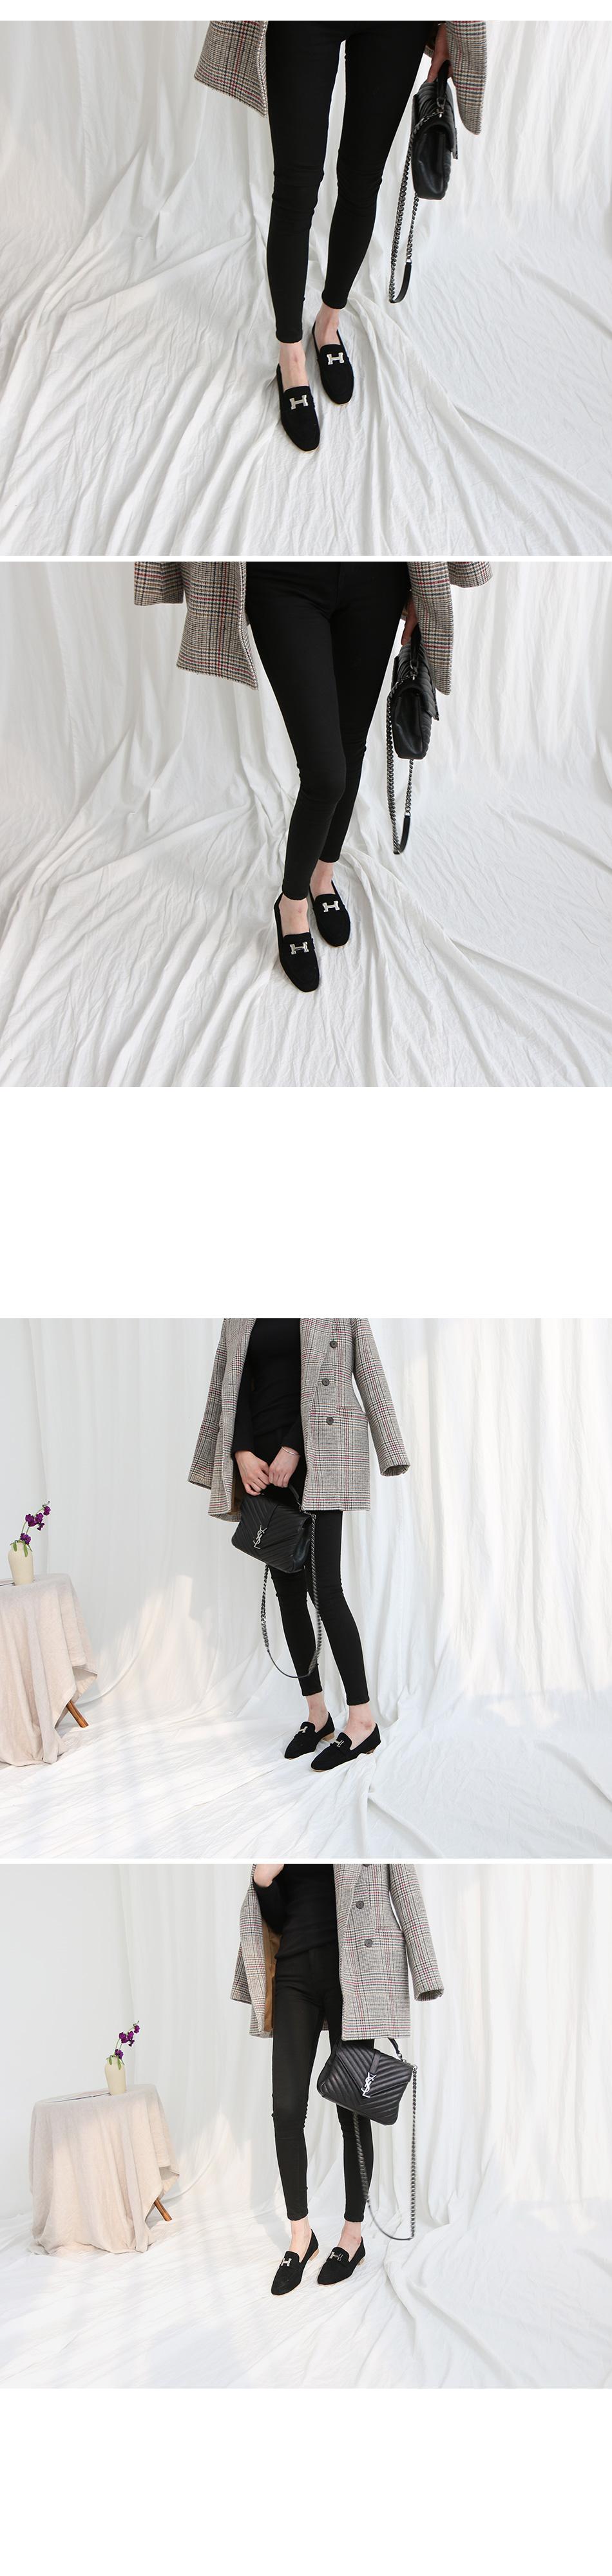 데핀트 메탈장식 스웨이드 로퍼 착용컷